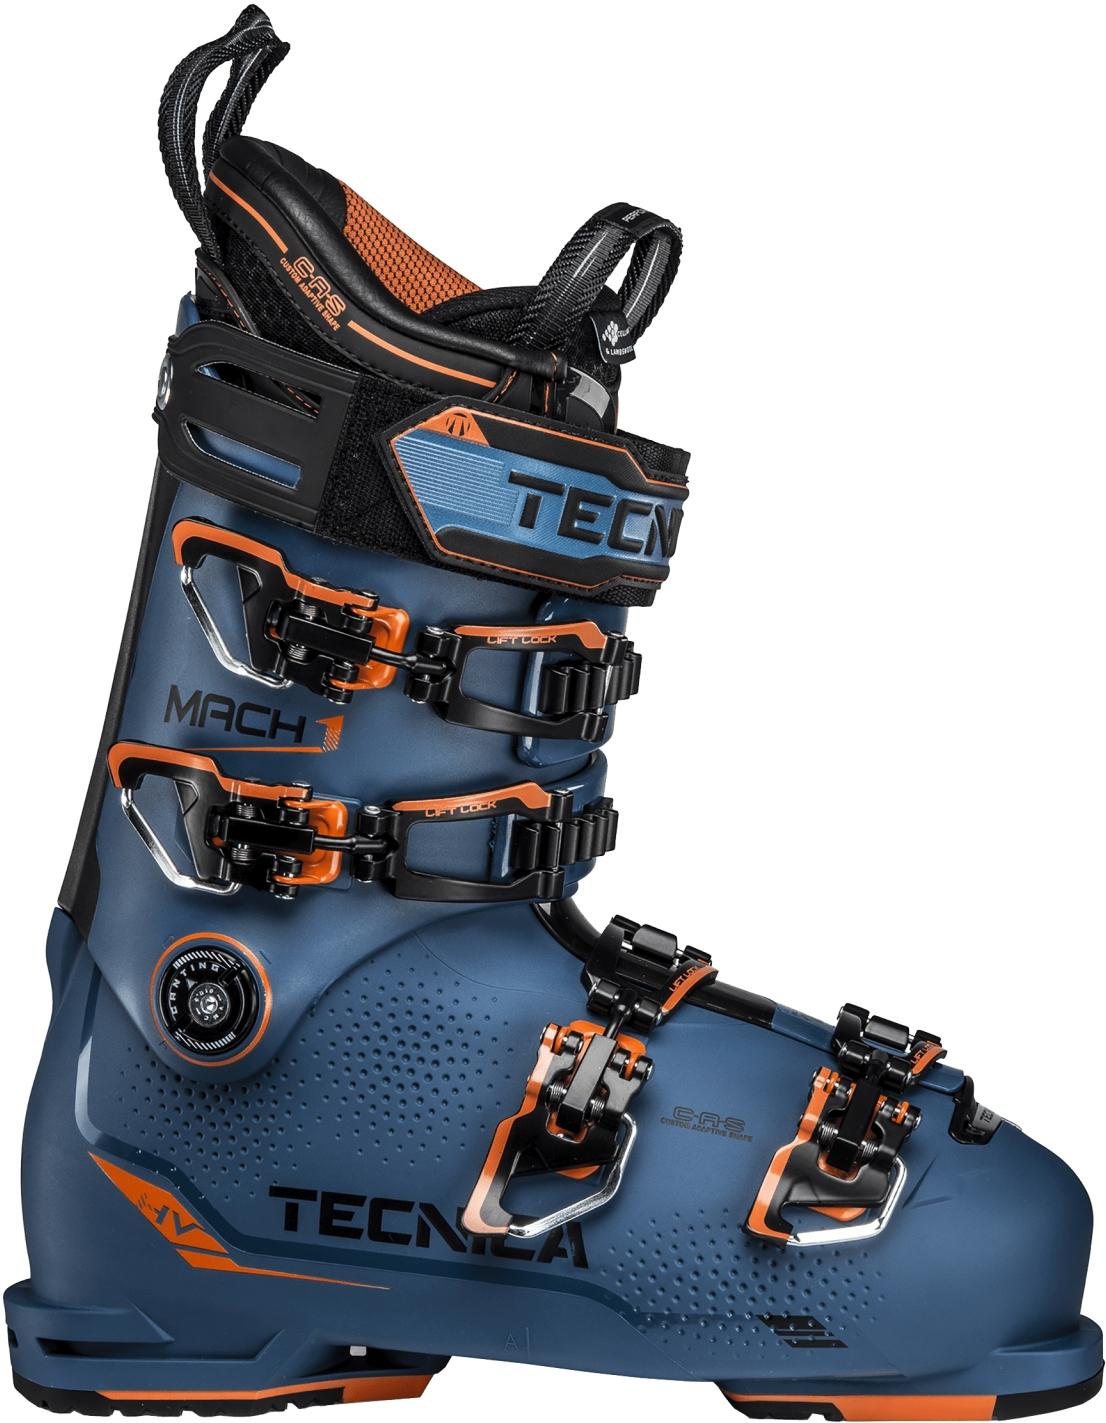 Tecnica Mach1 HV 120 - dark process blue 310